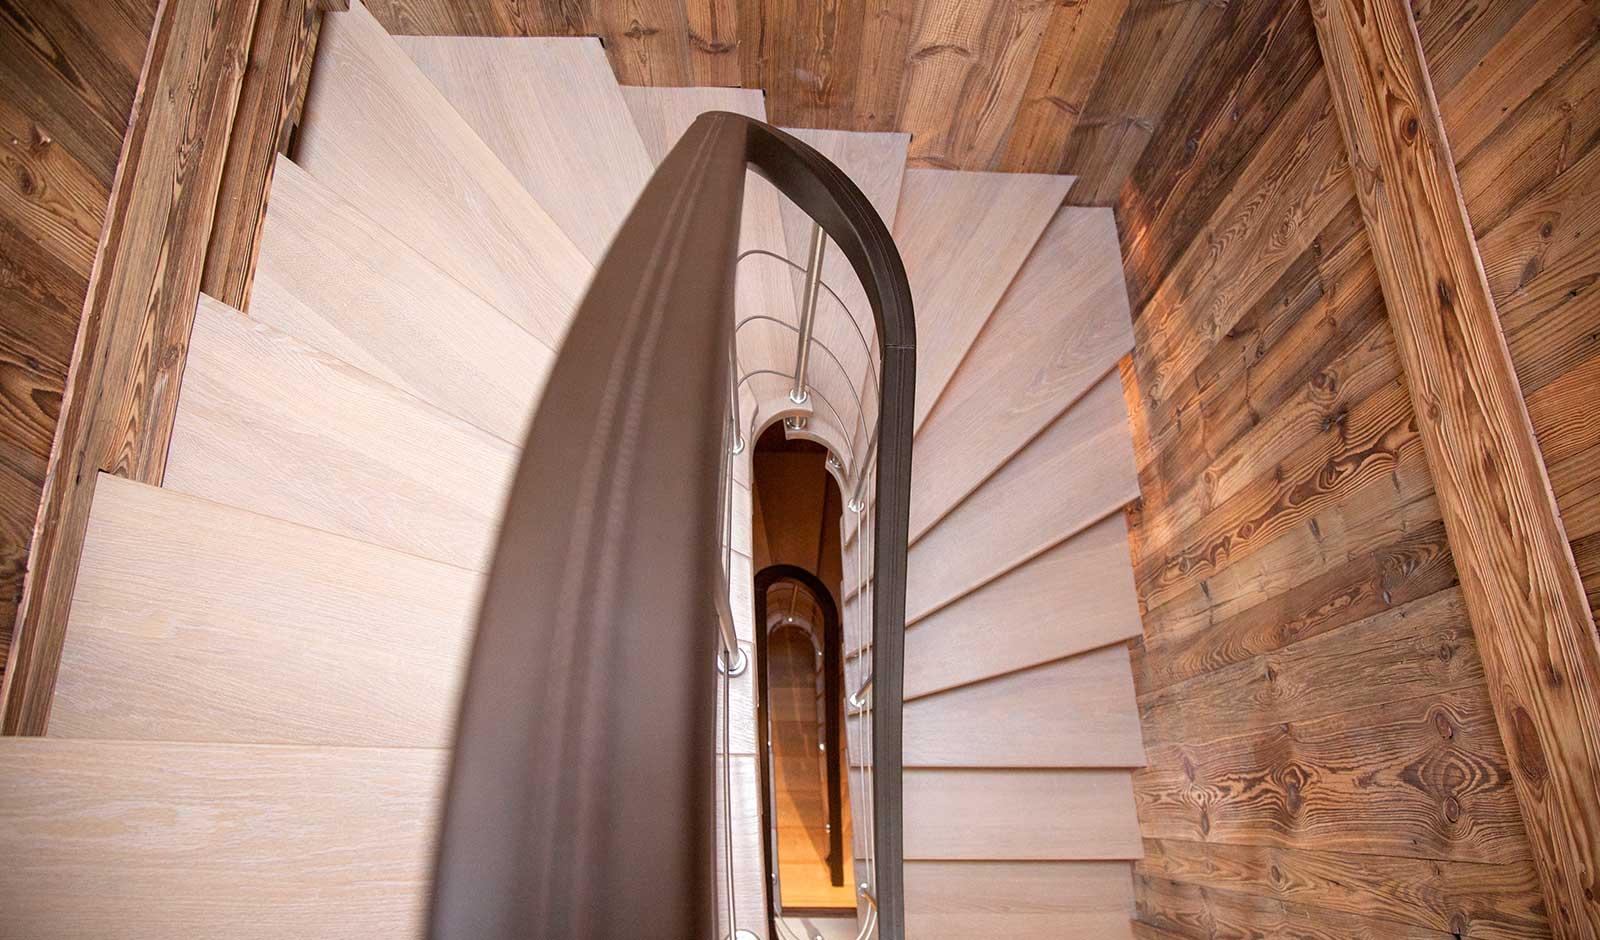 chalet-mont-tremblant-15-atelier-crea-and-co-architecte-design-project-manager-meribel-savoie